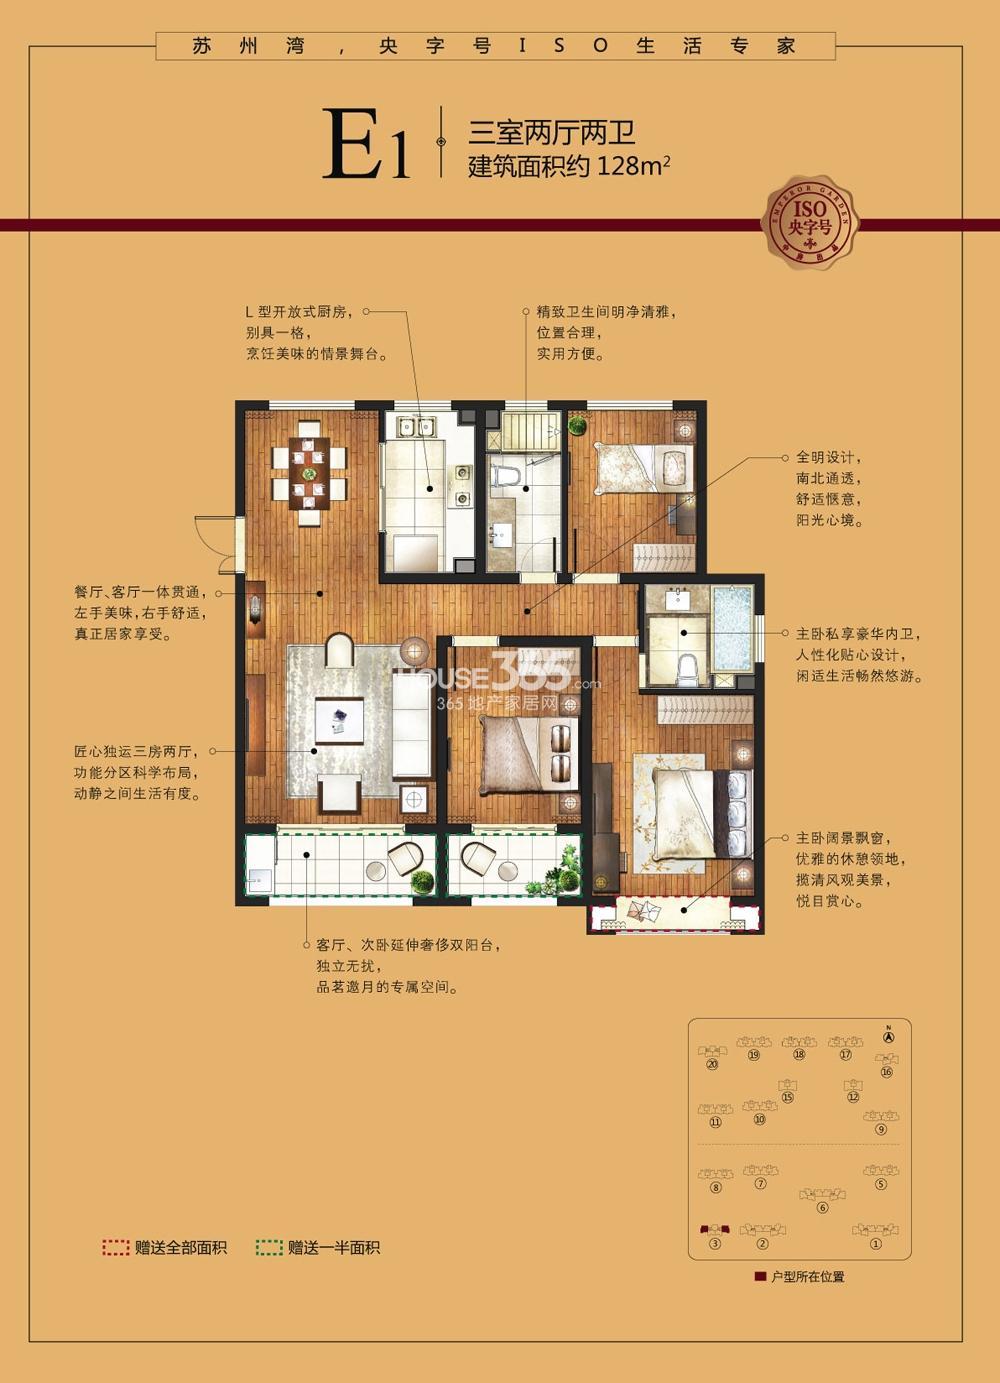 E1户型128平米,三室两厅两卫